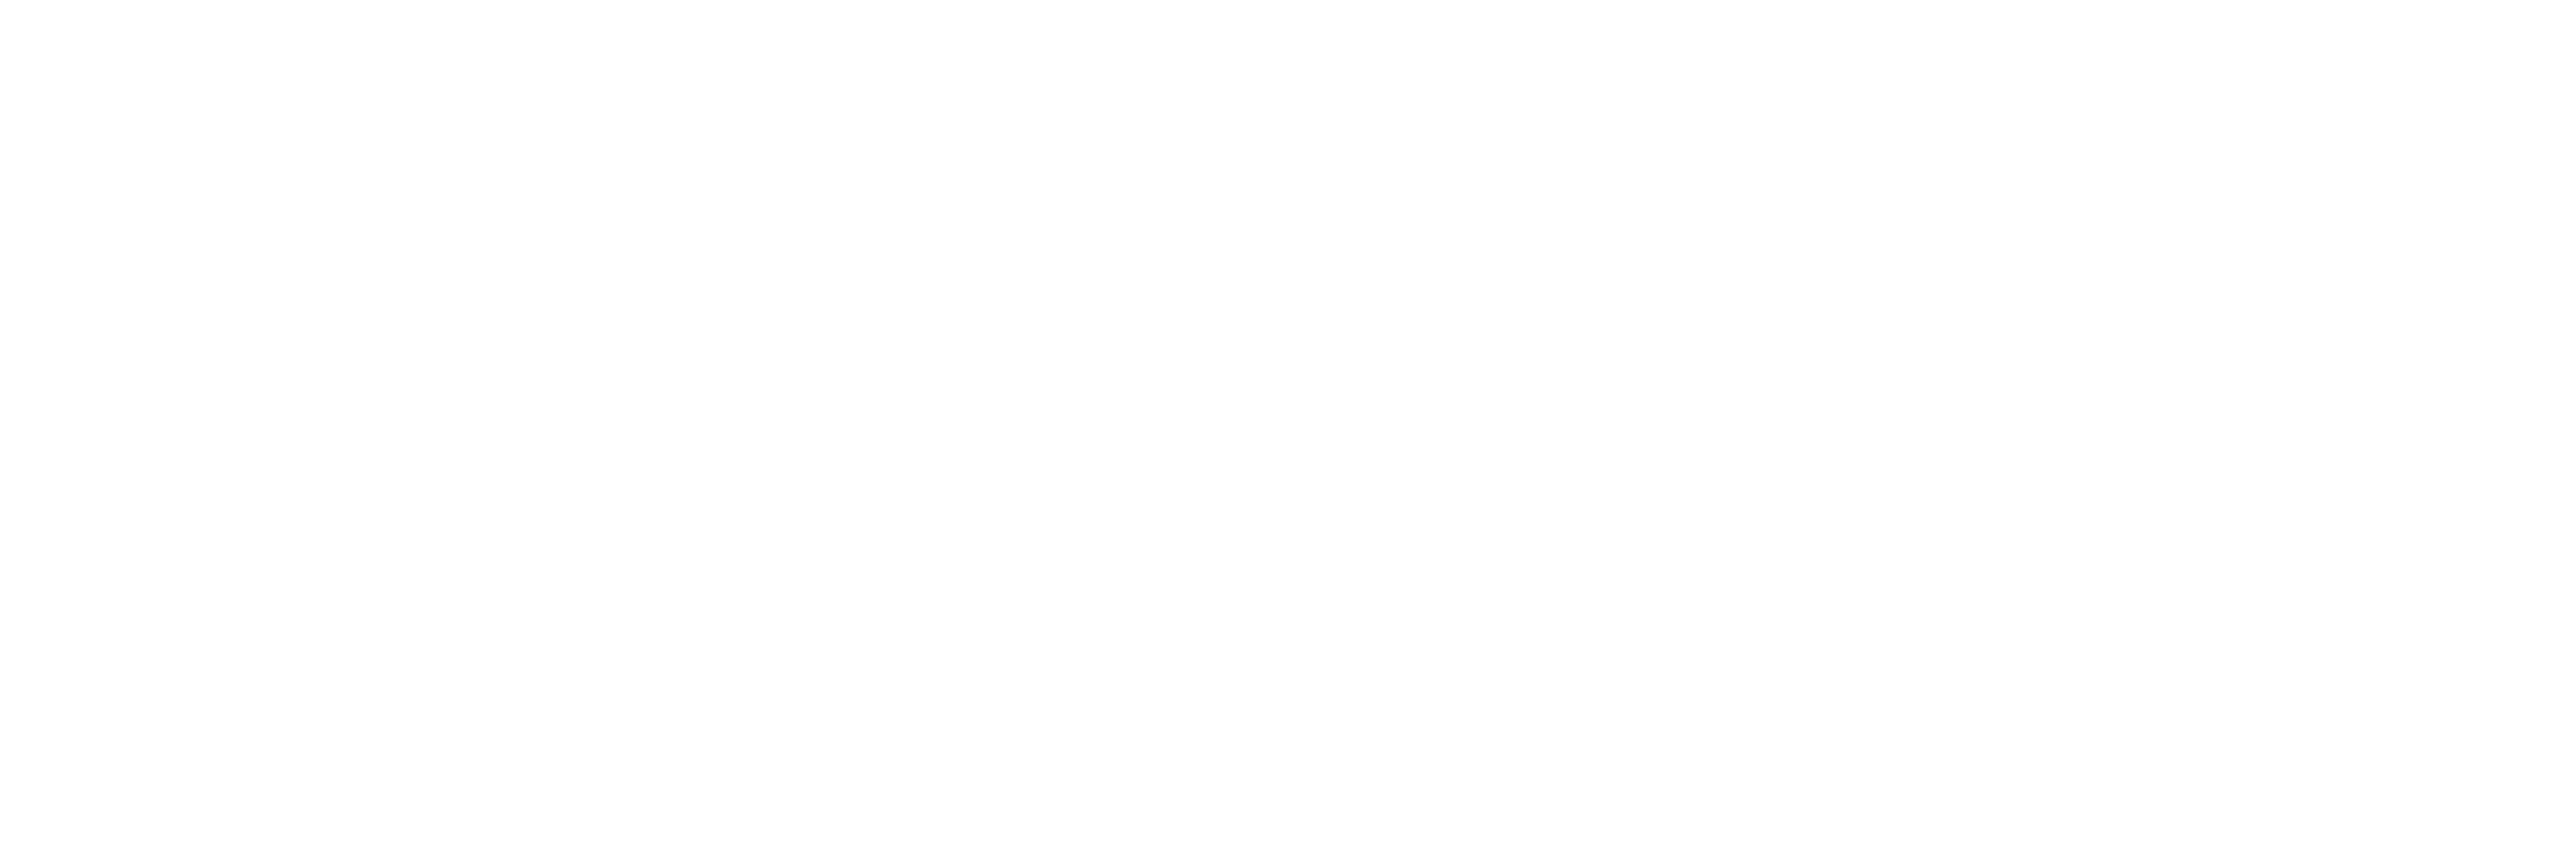 Boltware